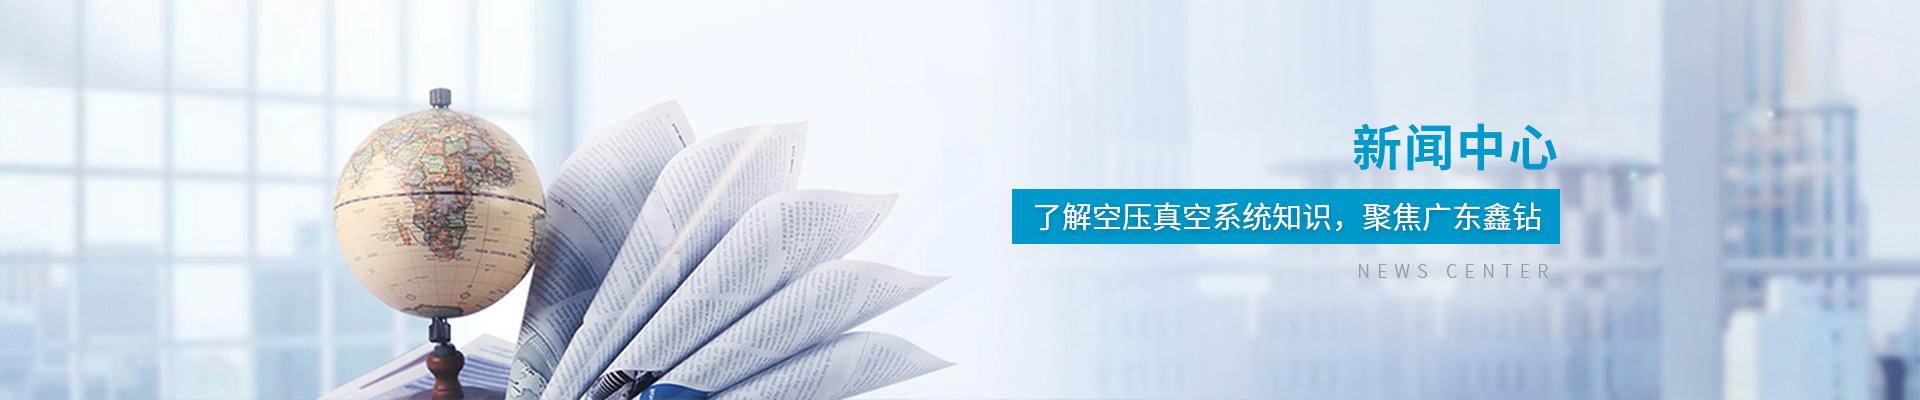 鑫钻:了解空压真空系统知识,聚焦广东鑫钻